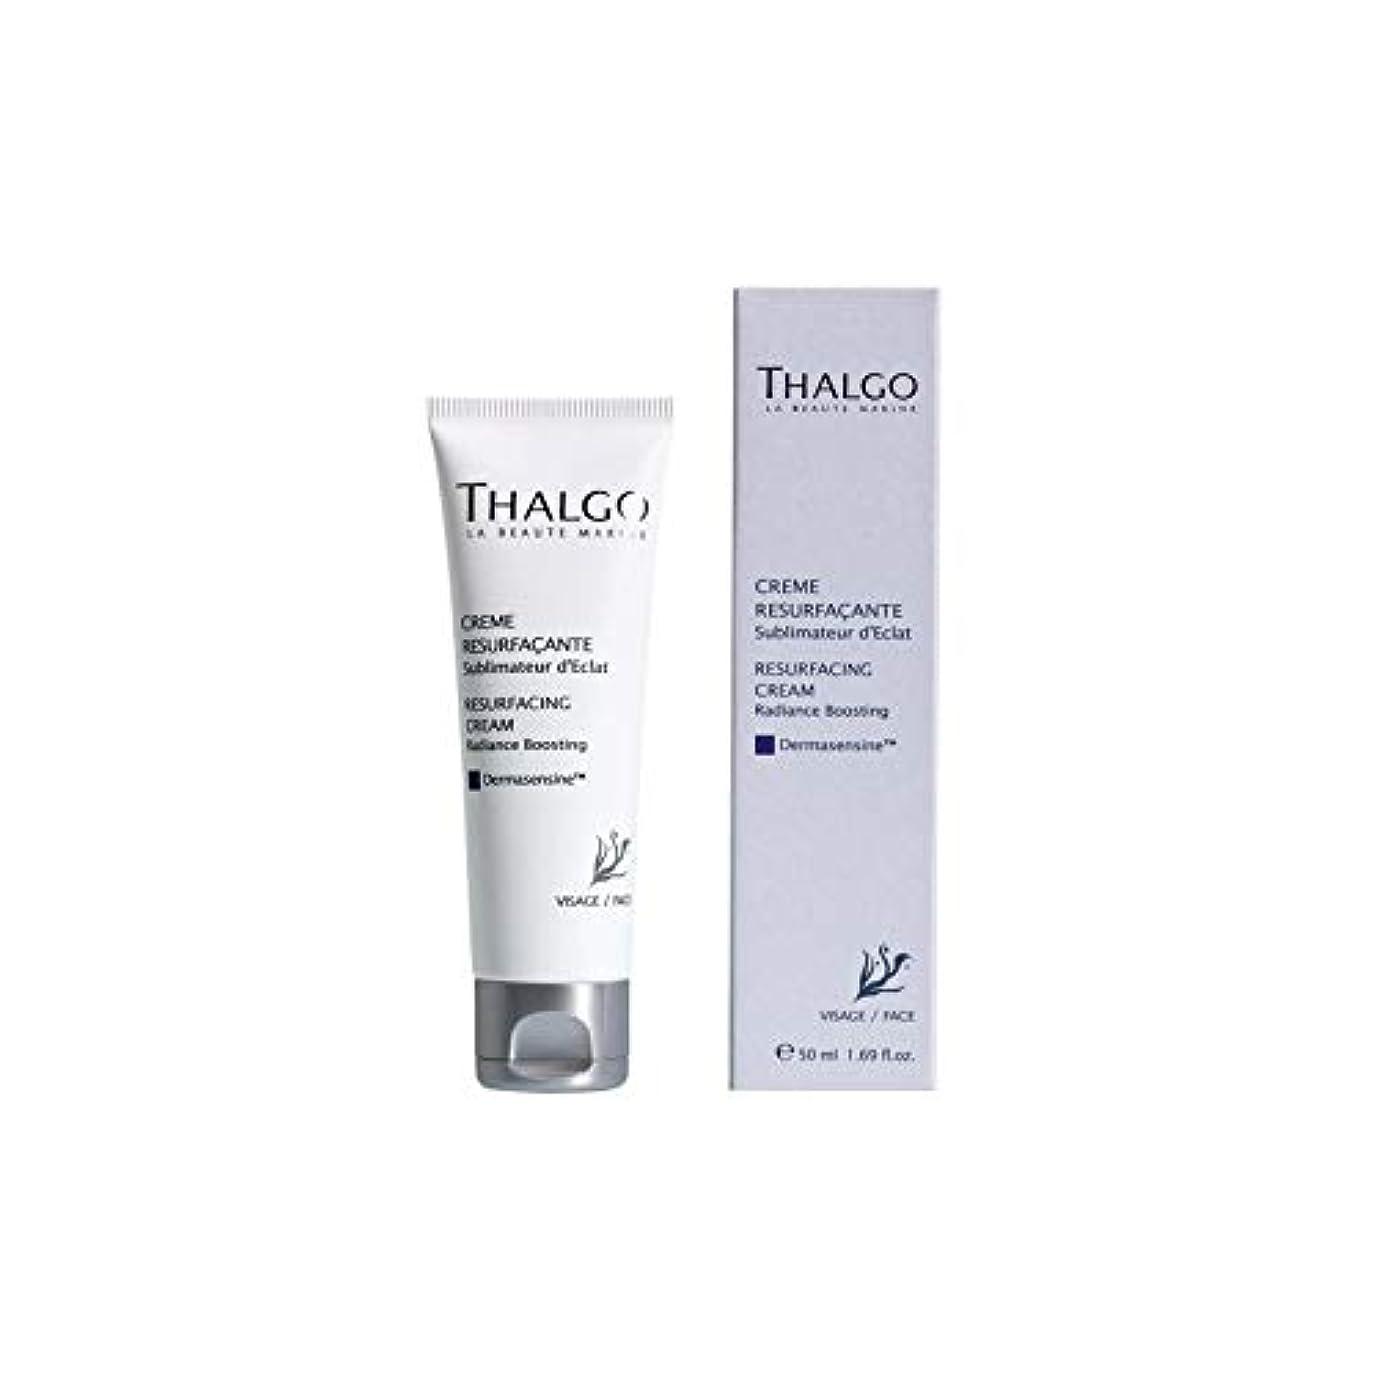 弱まる到着ファシズム[Thalgo ] タルゴ再舗装クリーム(50ミリリットル) - Thalgo Resurfacing Cream (50ml) [並行輸入品]